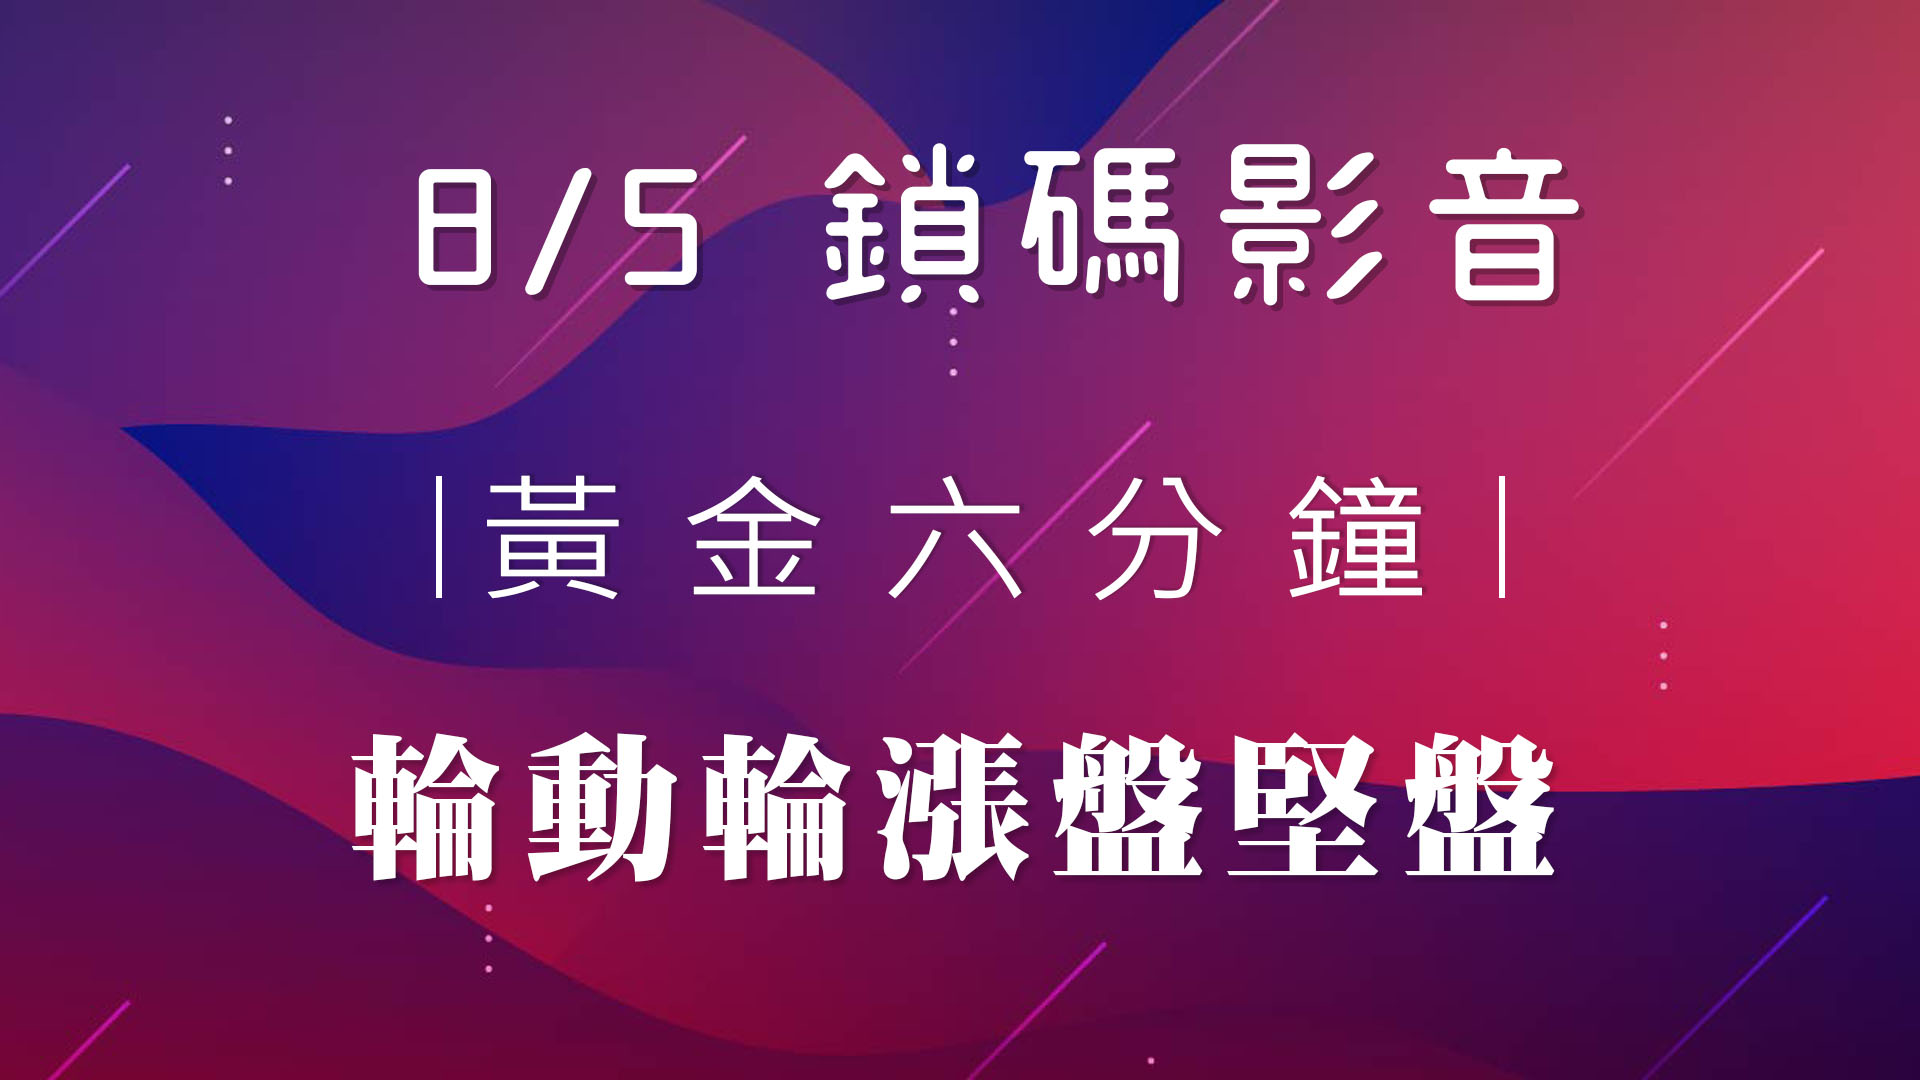 【王曈2020/08/05】鎖碼影音(試看)